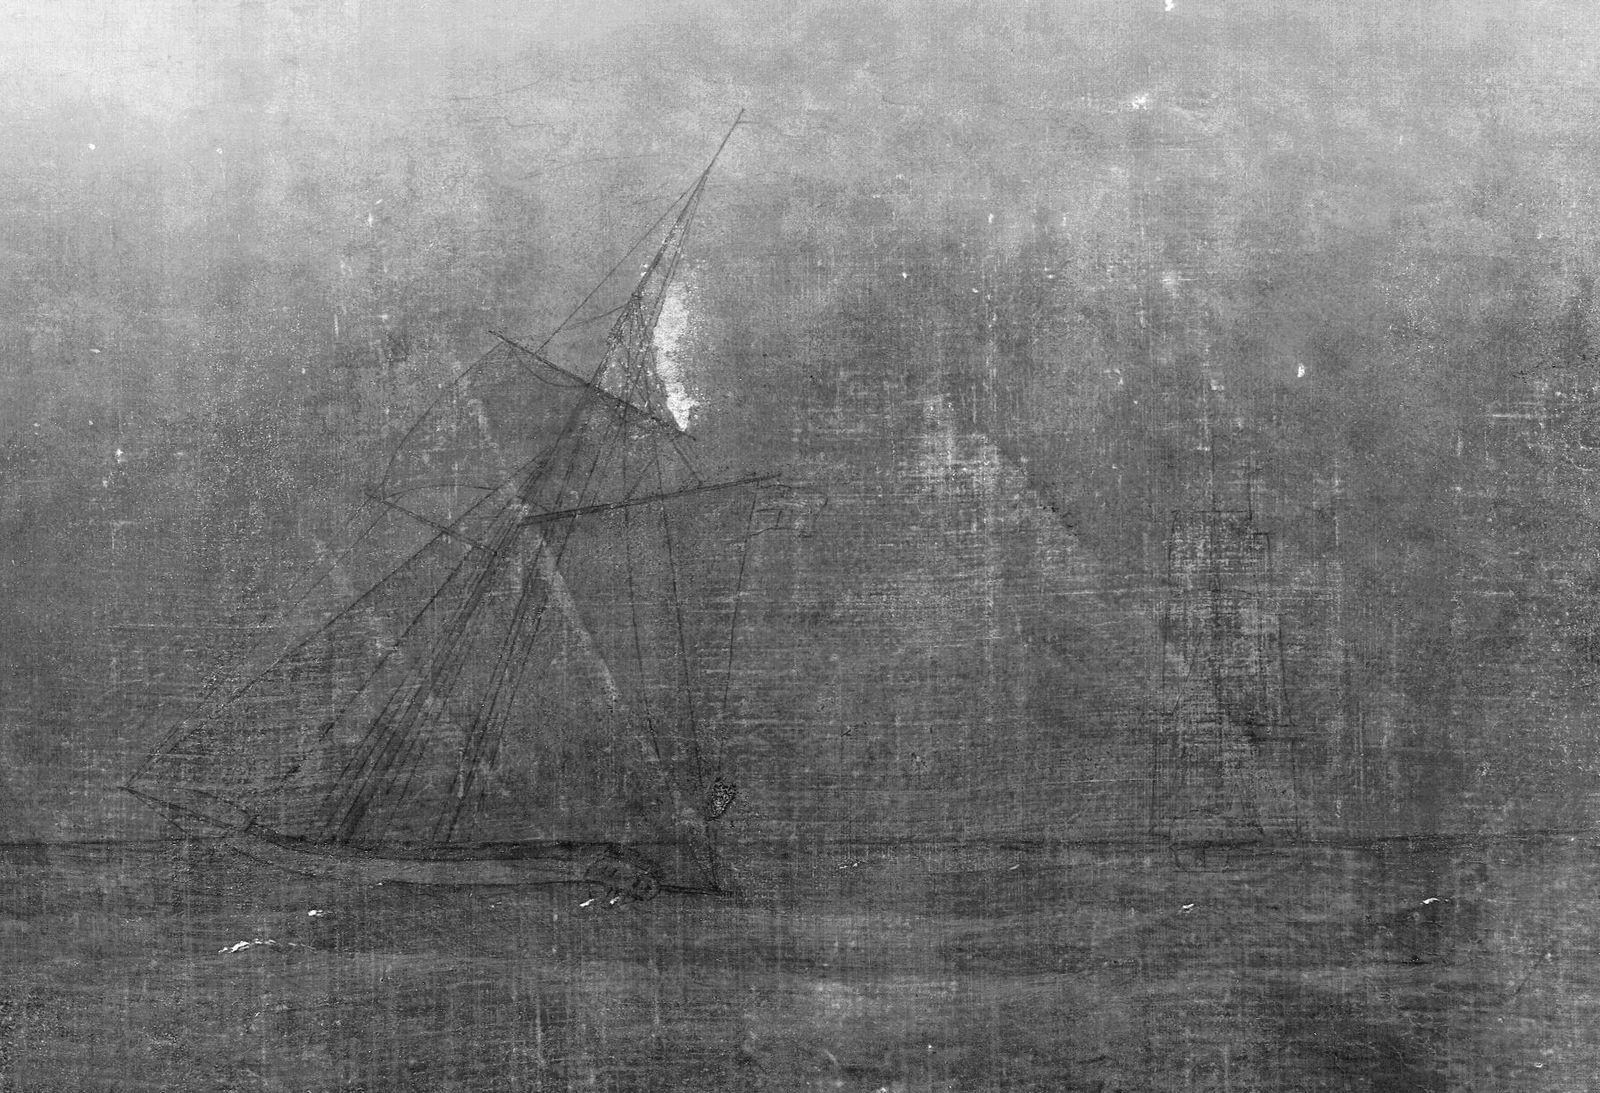 Caspar David Friedrich, Mönch am Meer, Infrarotaufnahme; Detail Staatliche Museen zu Berlin, Nationalgalerie / Foto: Kristina Mösl, Francesca Schneider